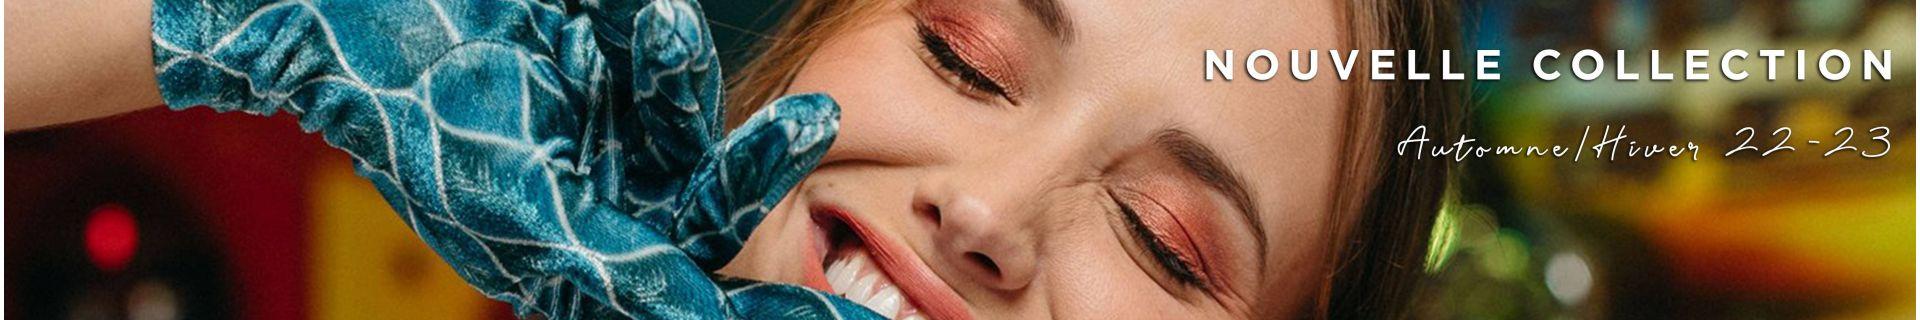 Automne/Hiver 2020-2021 Femme | Storiatipic